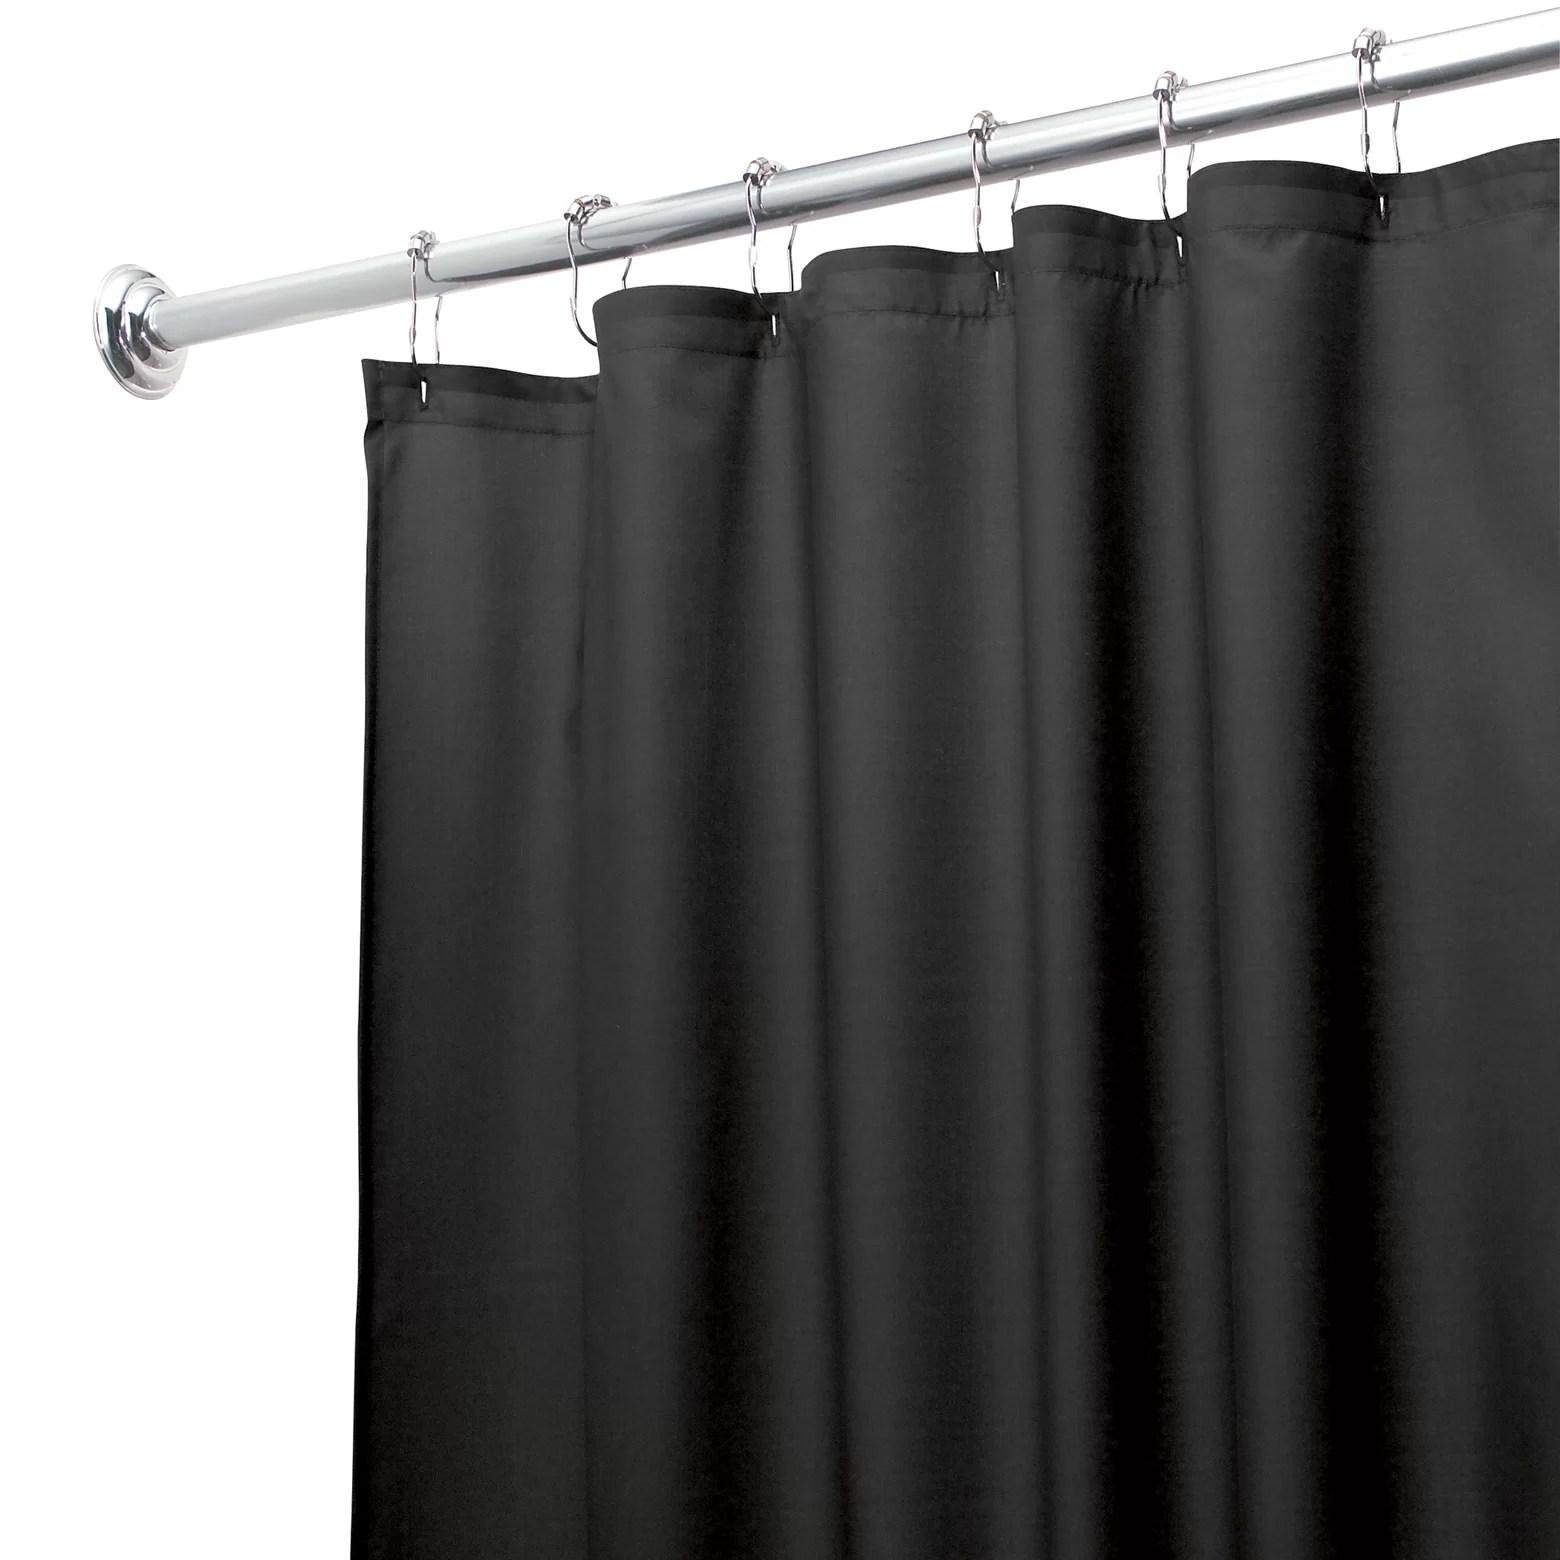 InterDesign Shower Curtain Liner  Reviews  Wayfair